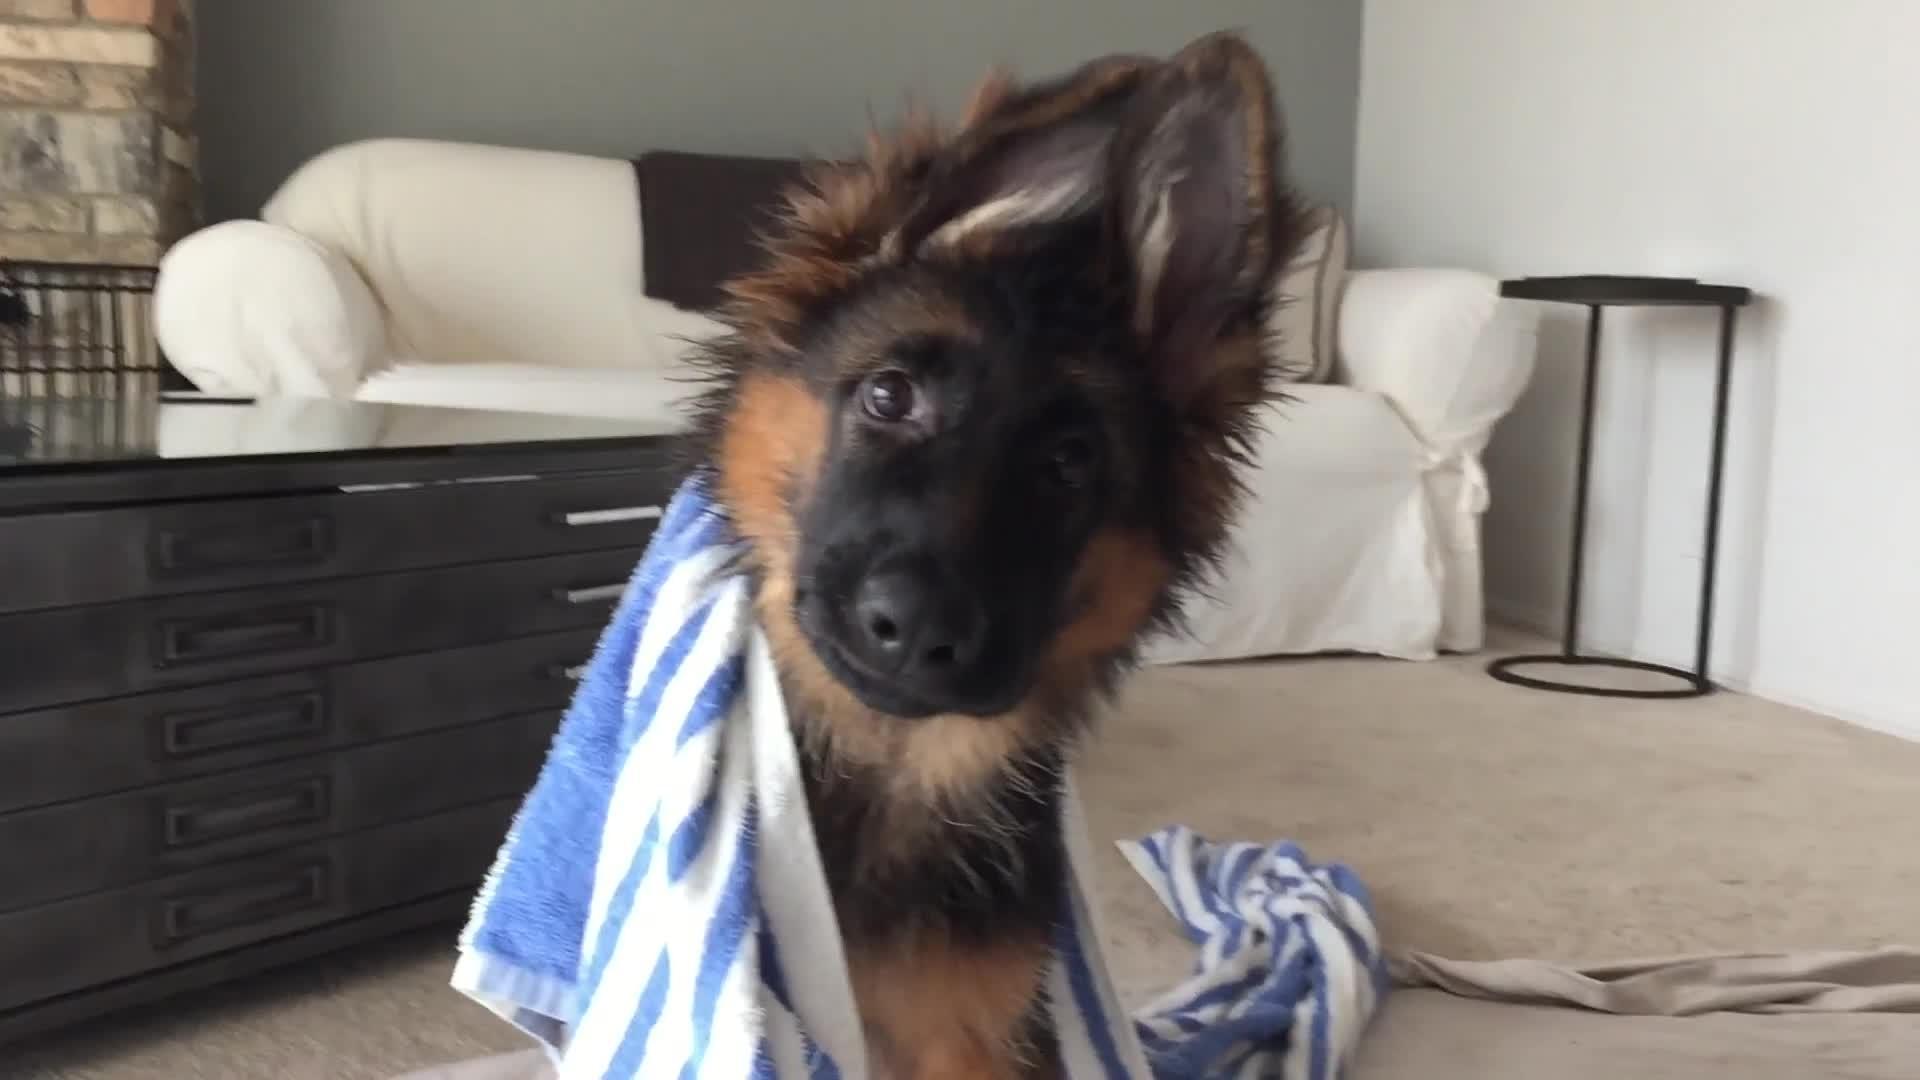 Cute Live Wallpaper App German Shepherd Puppy Tilts Head Jukin Media Inc